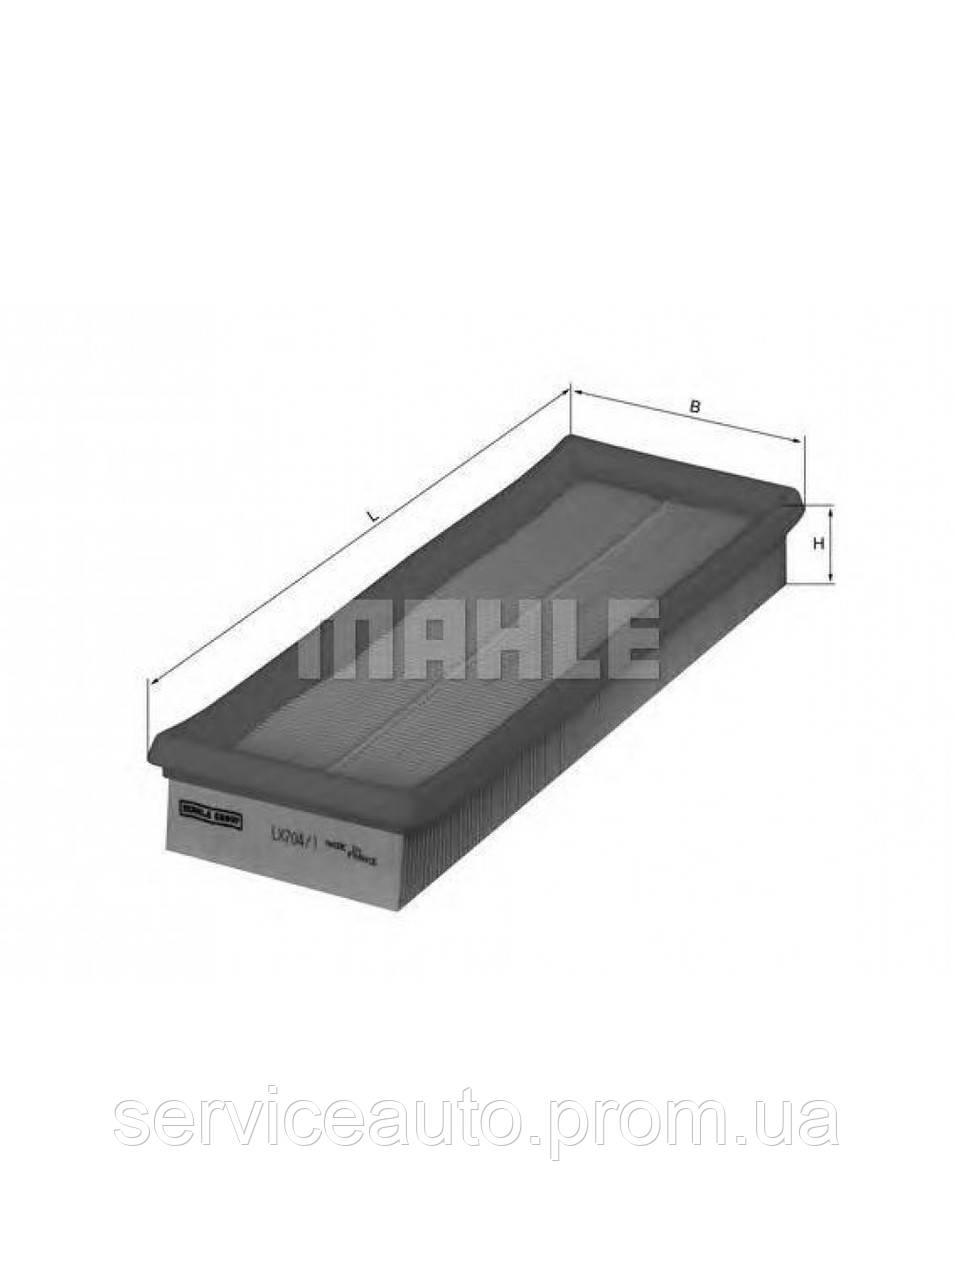 Фильтр воздушный MAHLE LX704/1 (MX8797356)